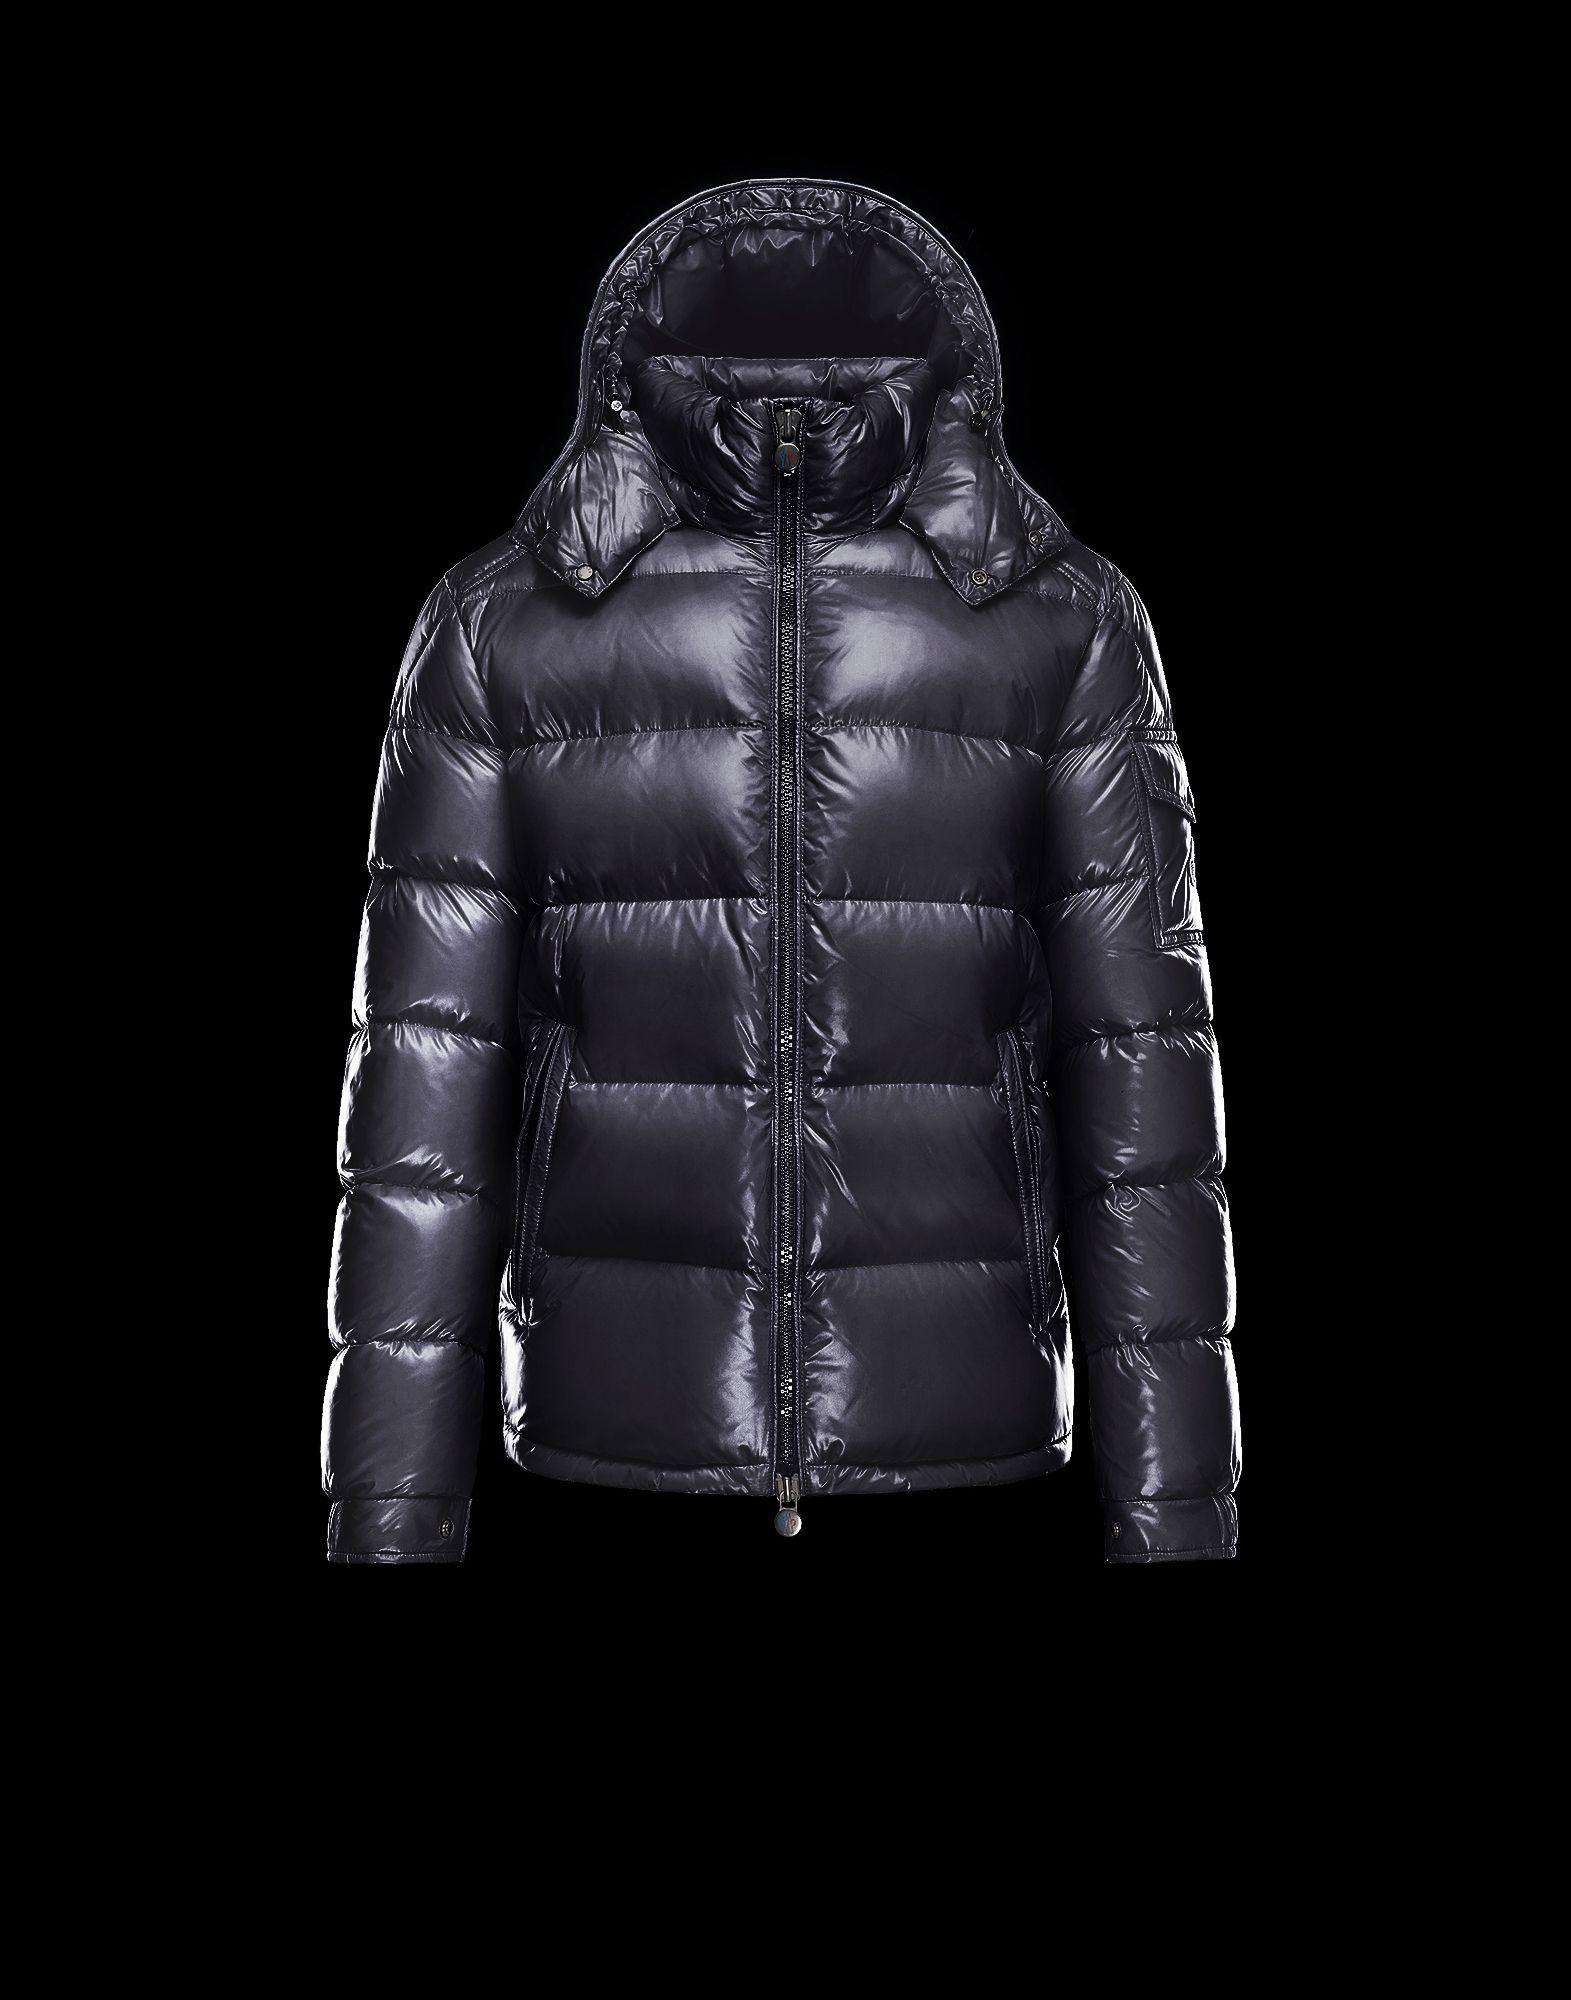 Maya Moncler, Jackets, Mens clothing styles